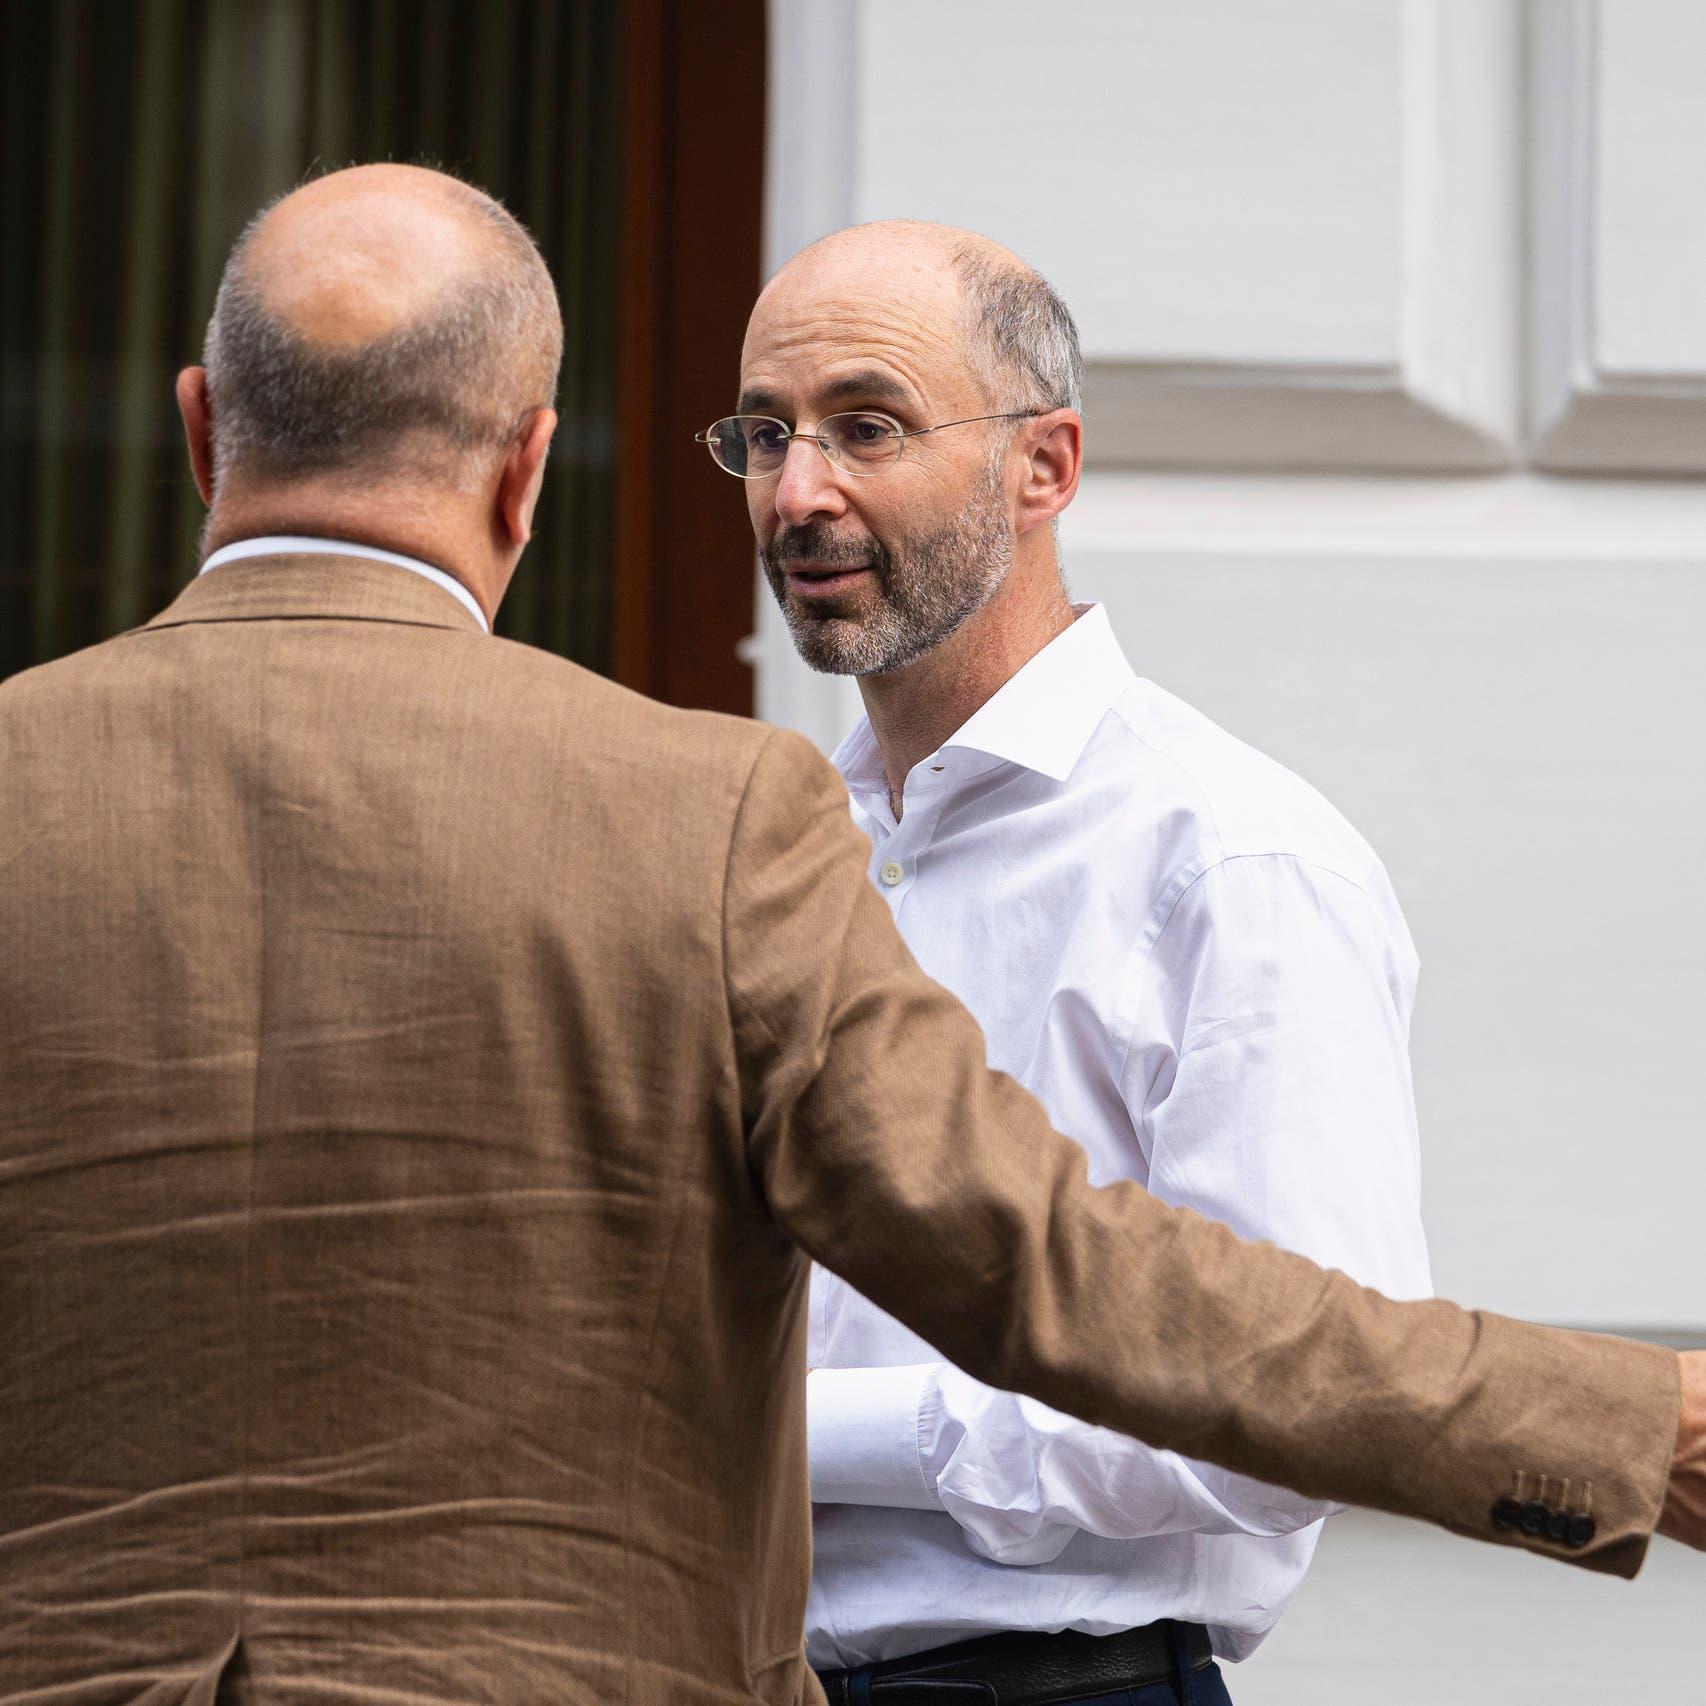 روبرت مالي عن مصير مفاوضات فيينا: علامة استفهام كبيرة!